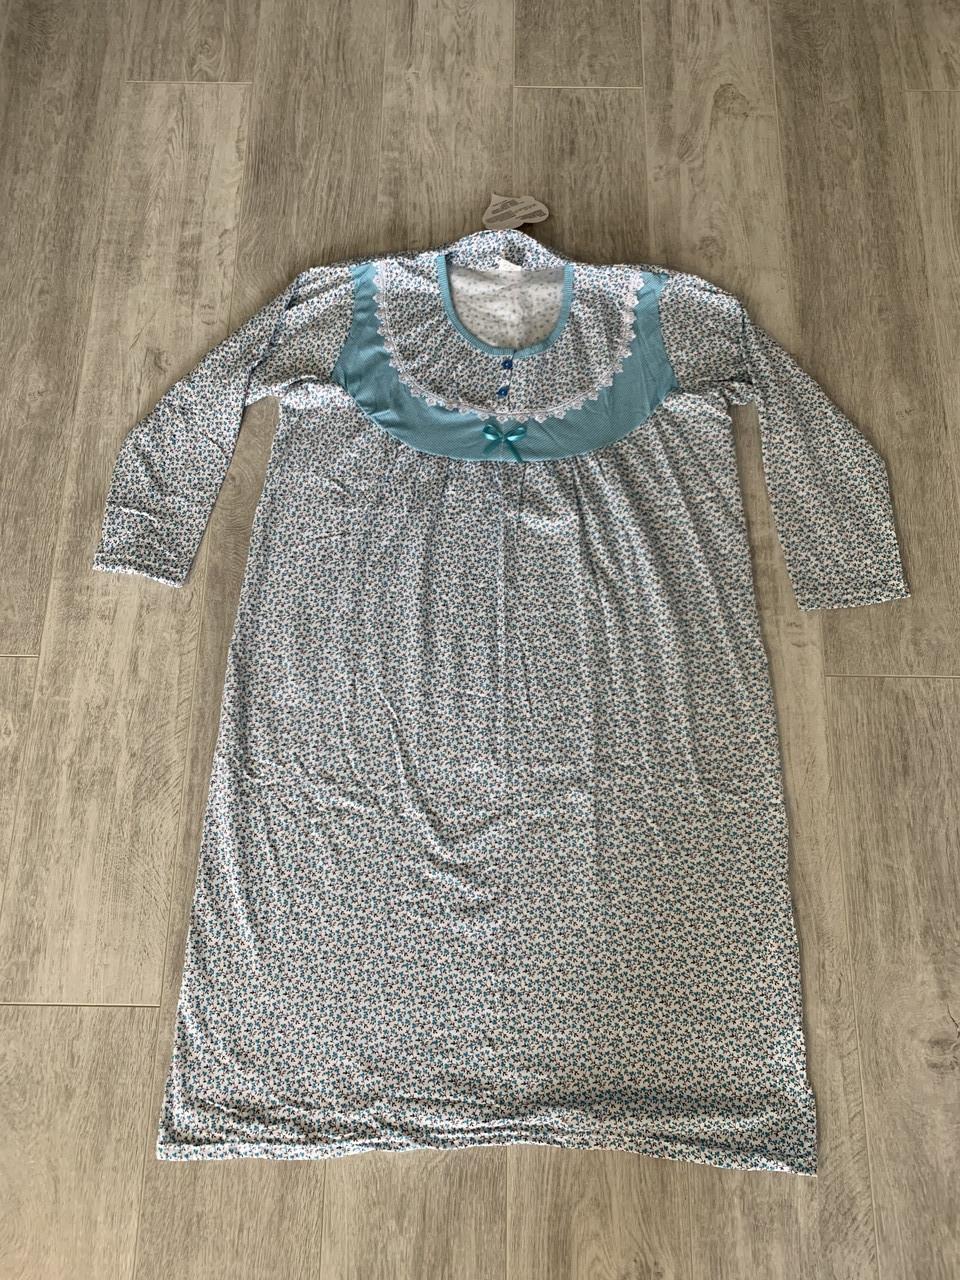 Нічна сорочка Sentina байка